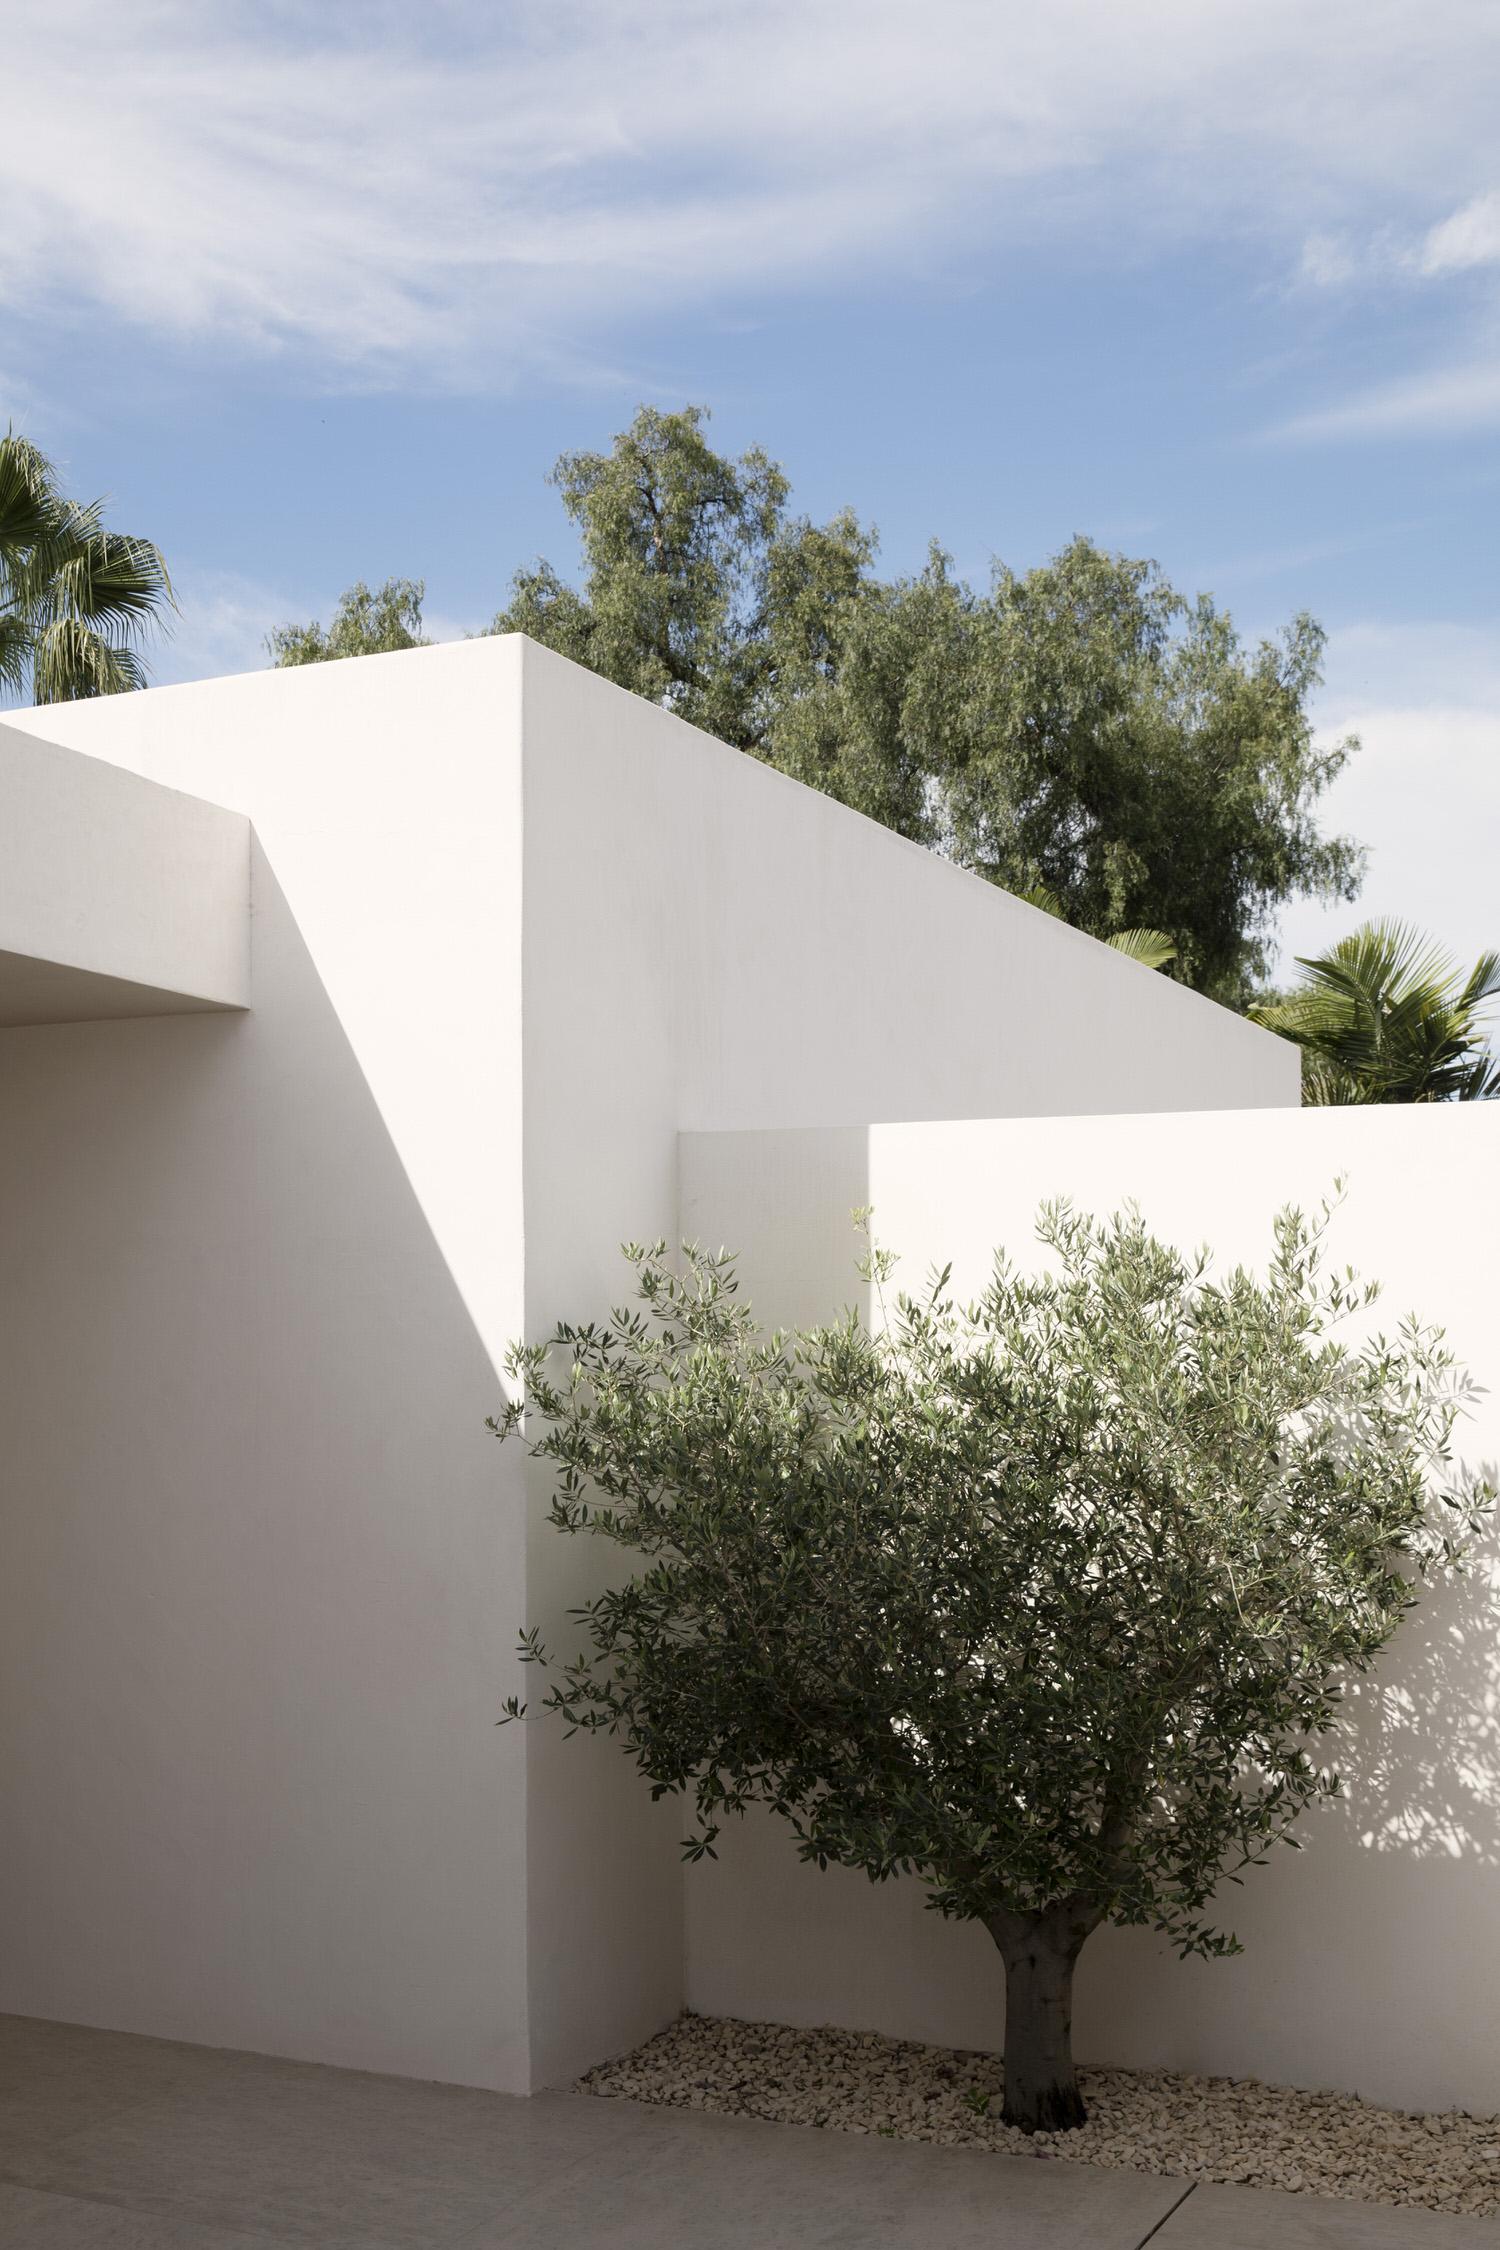 Febrero Studio Casa Marbella Spanish Architecture Photo German Saiz Yellowtrace 01